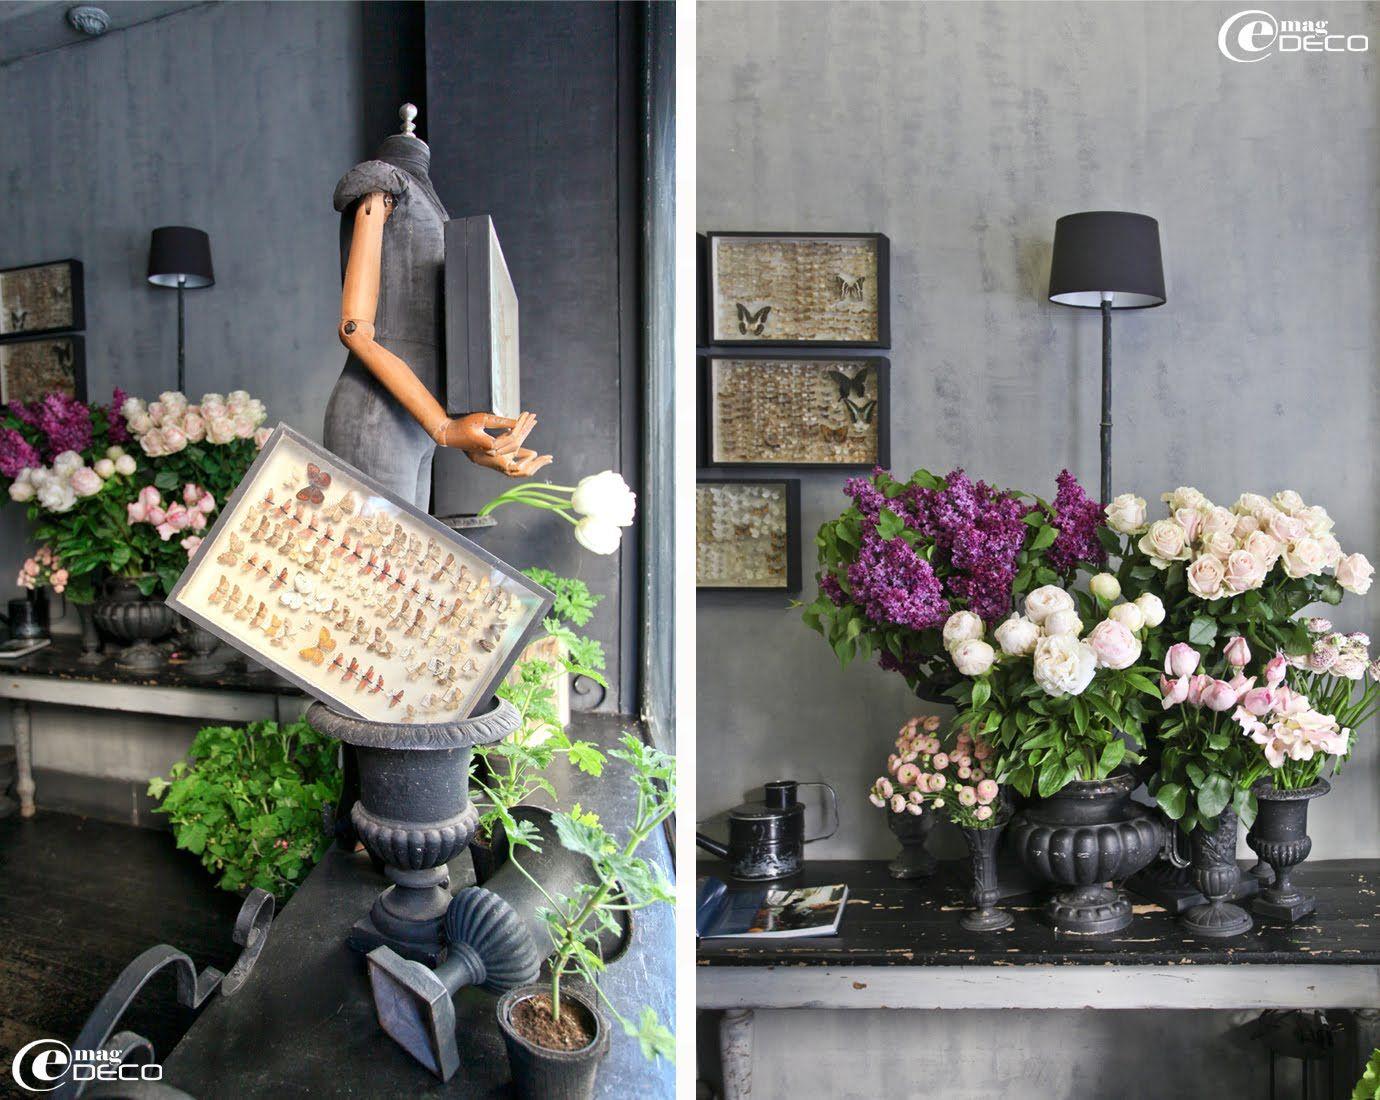 Odarantes -  Flowers. 9 Rue Madame